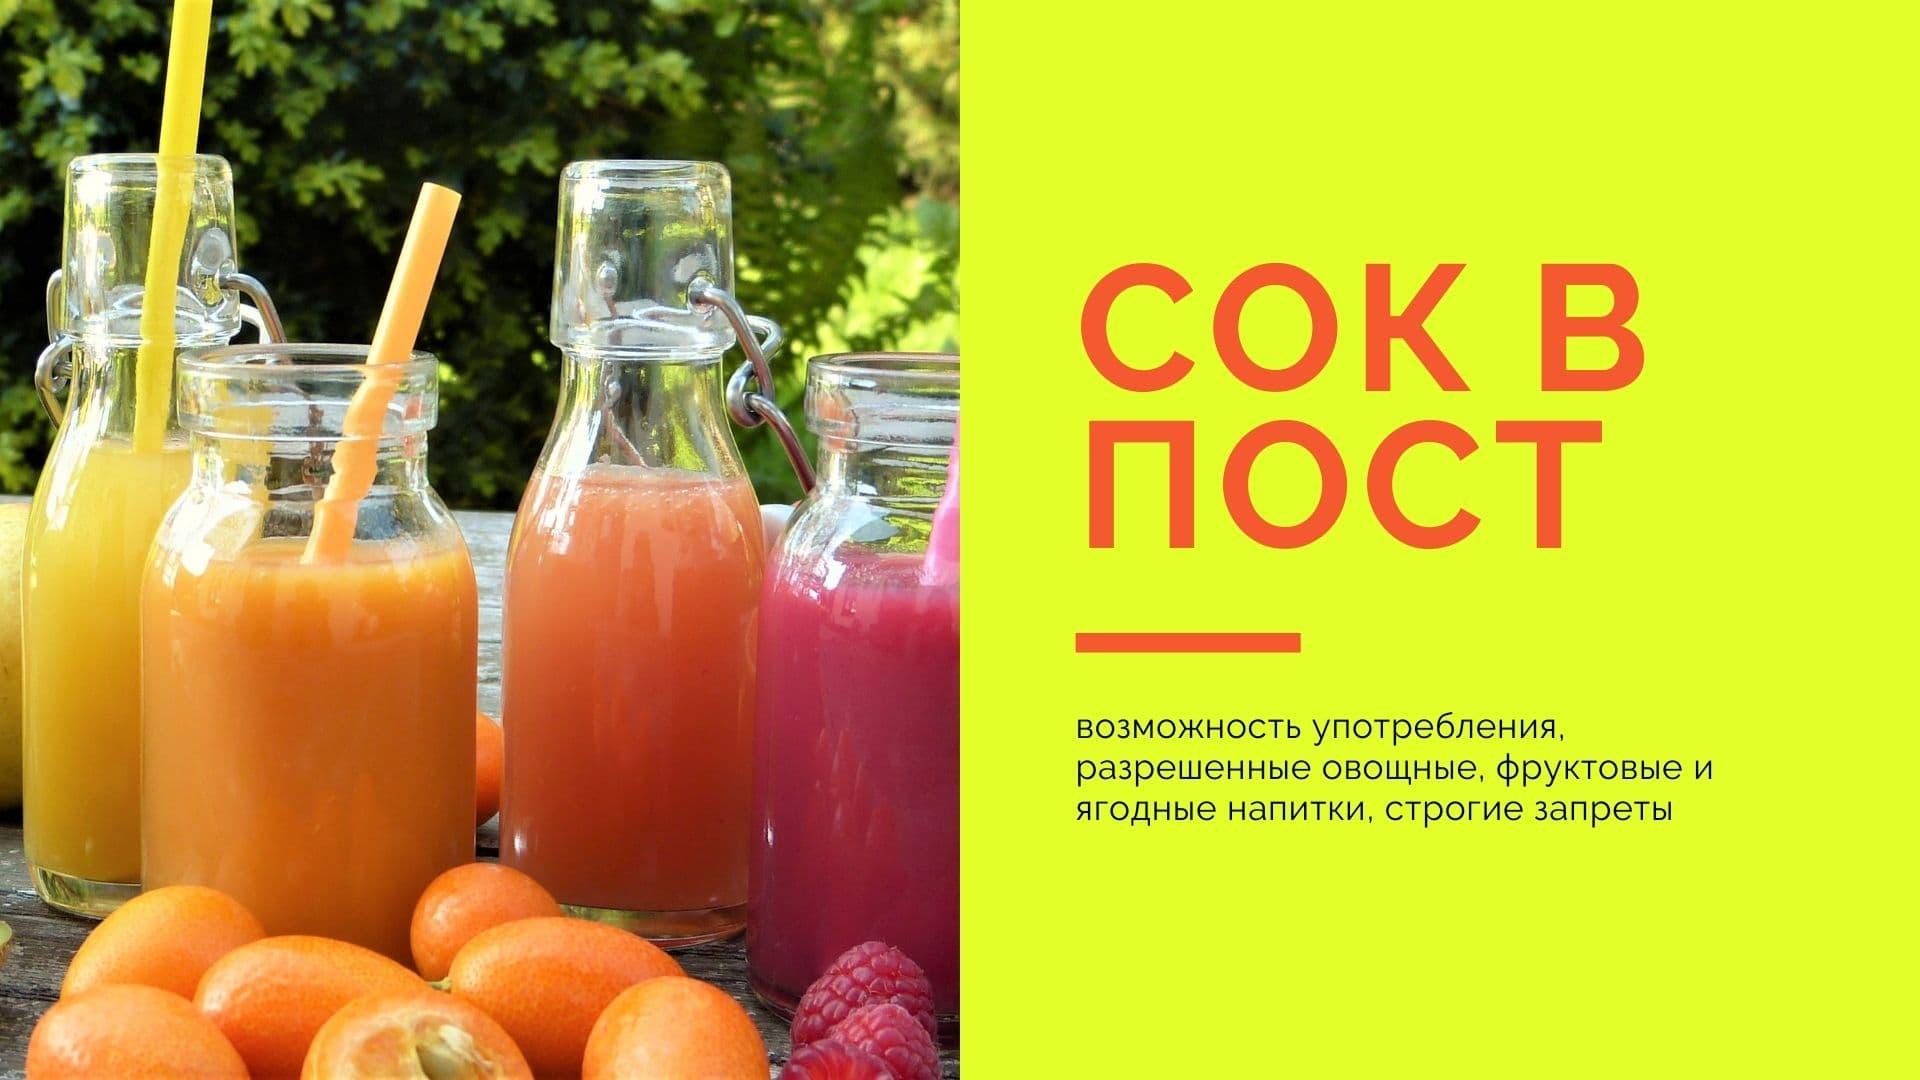 Сок в Пост: возможность употребления, разрешенные овощные, фруктовые и ягодные напитки, строгие запреты